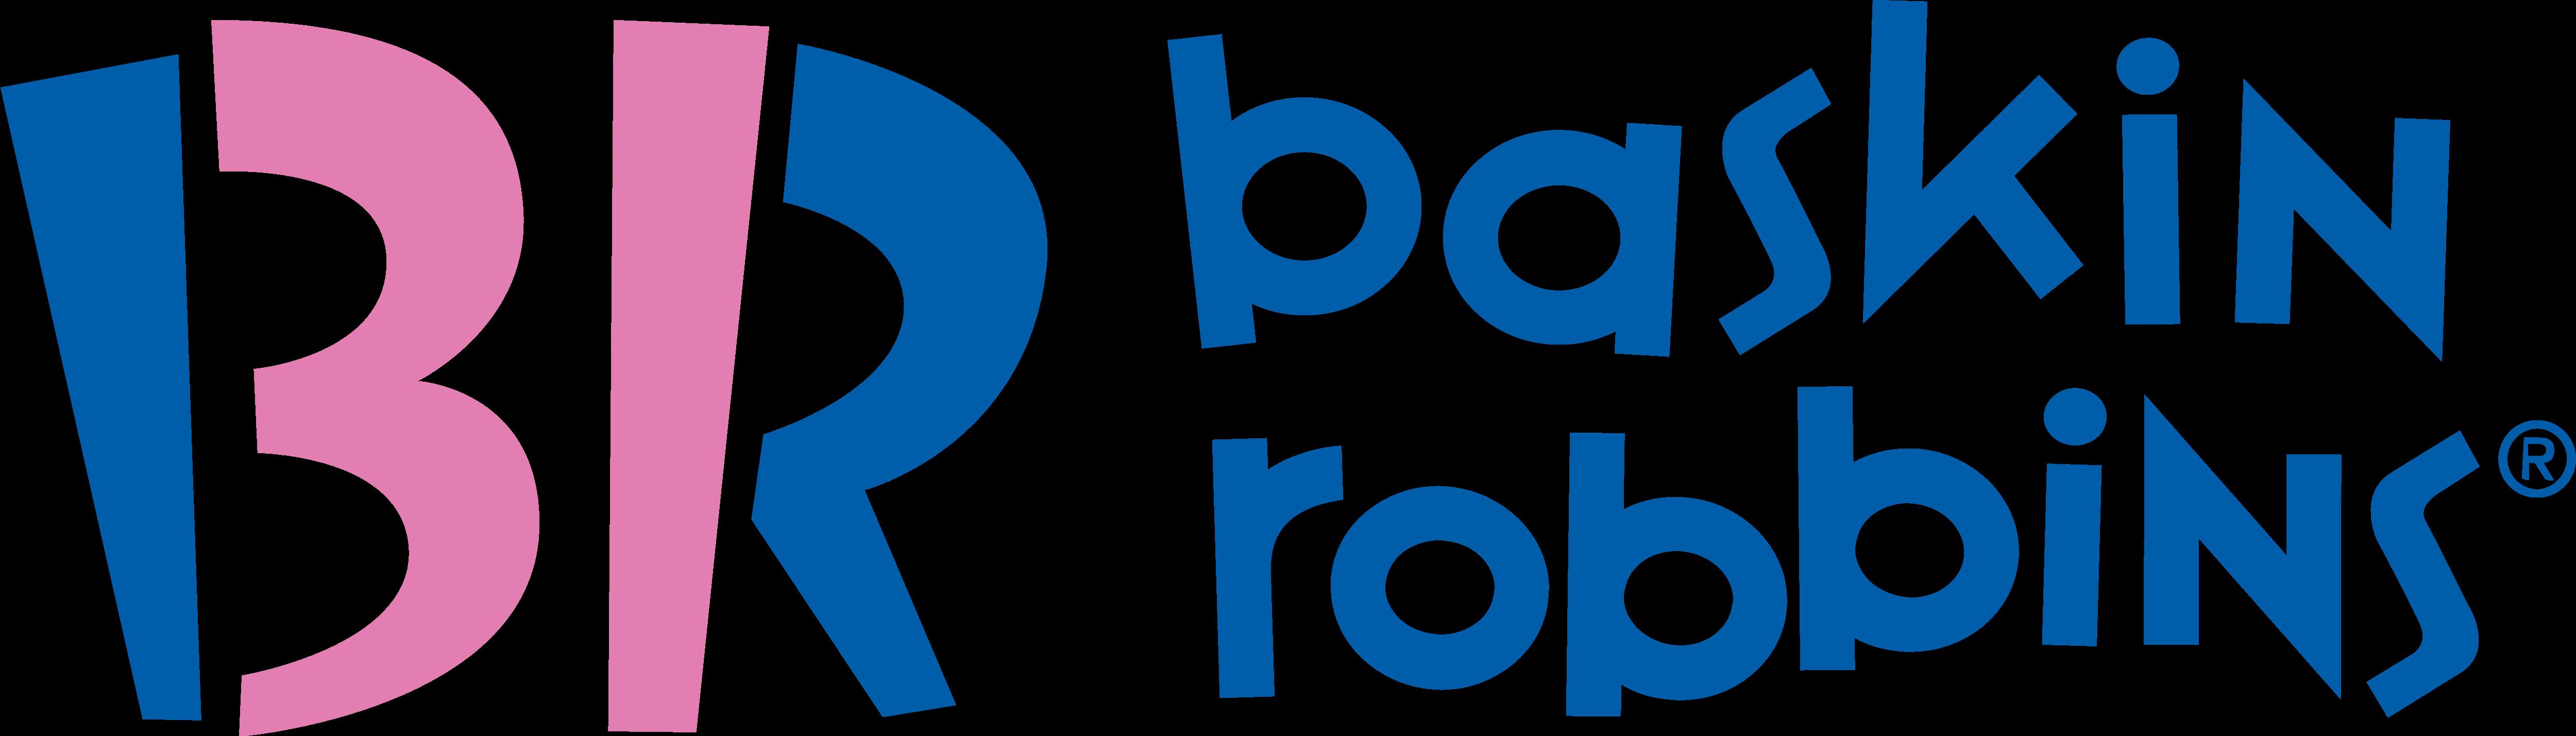 Baskin Robbins Logos Download